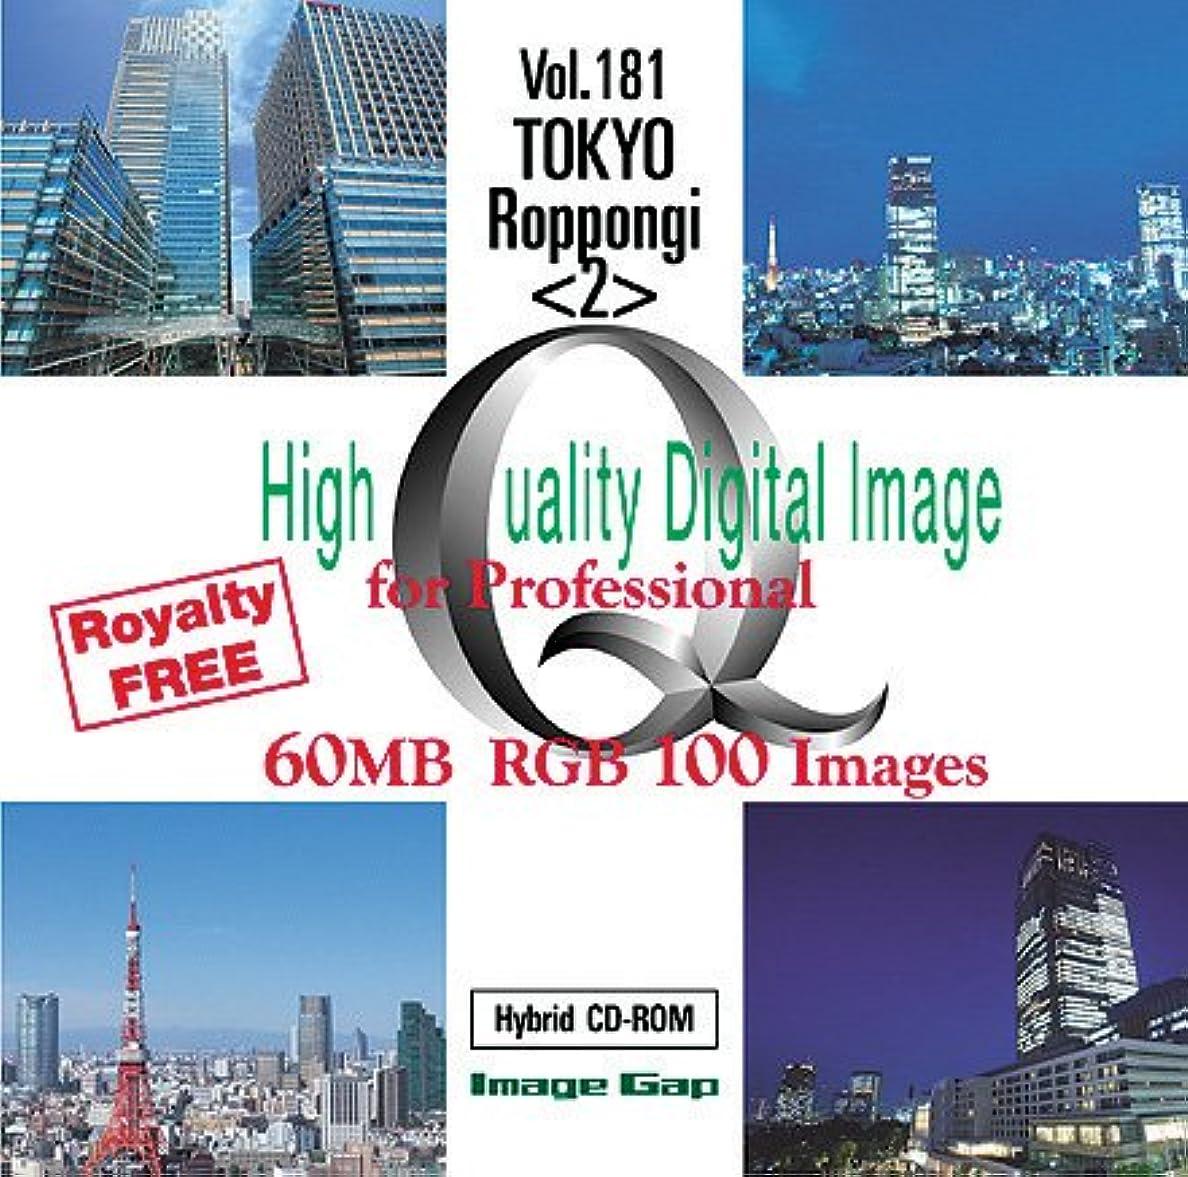 証言海峡ひもダルセットHigh Quality Digital Image Vol.181 tokyo roppongi<2>